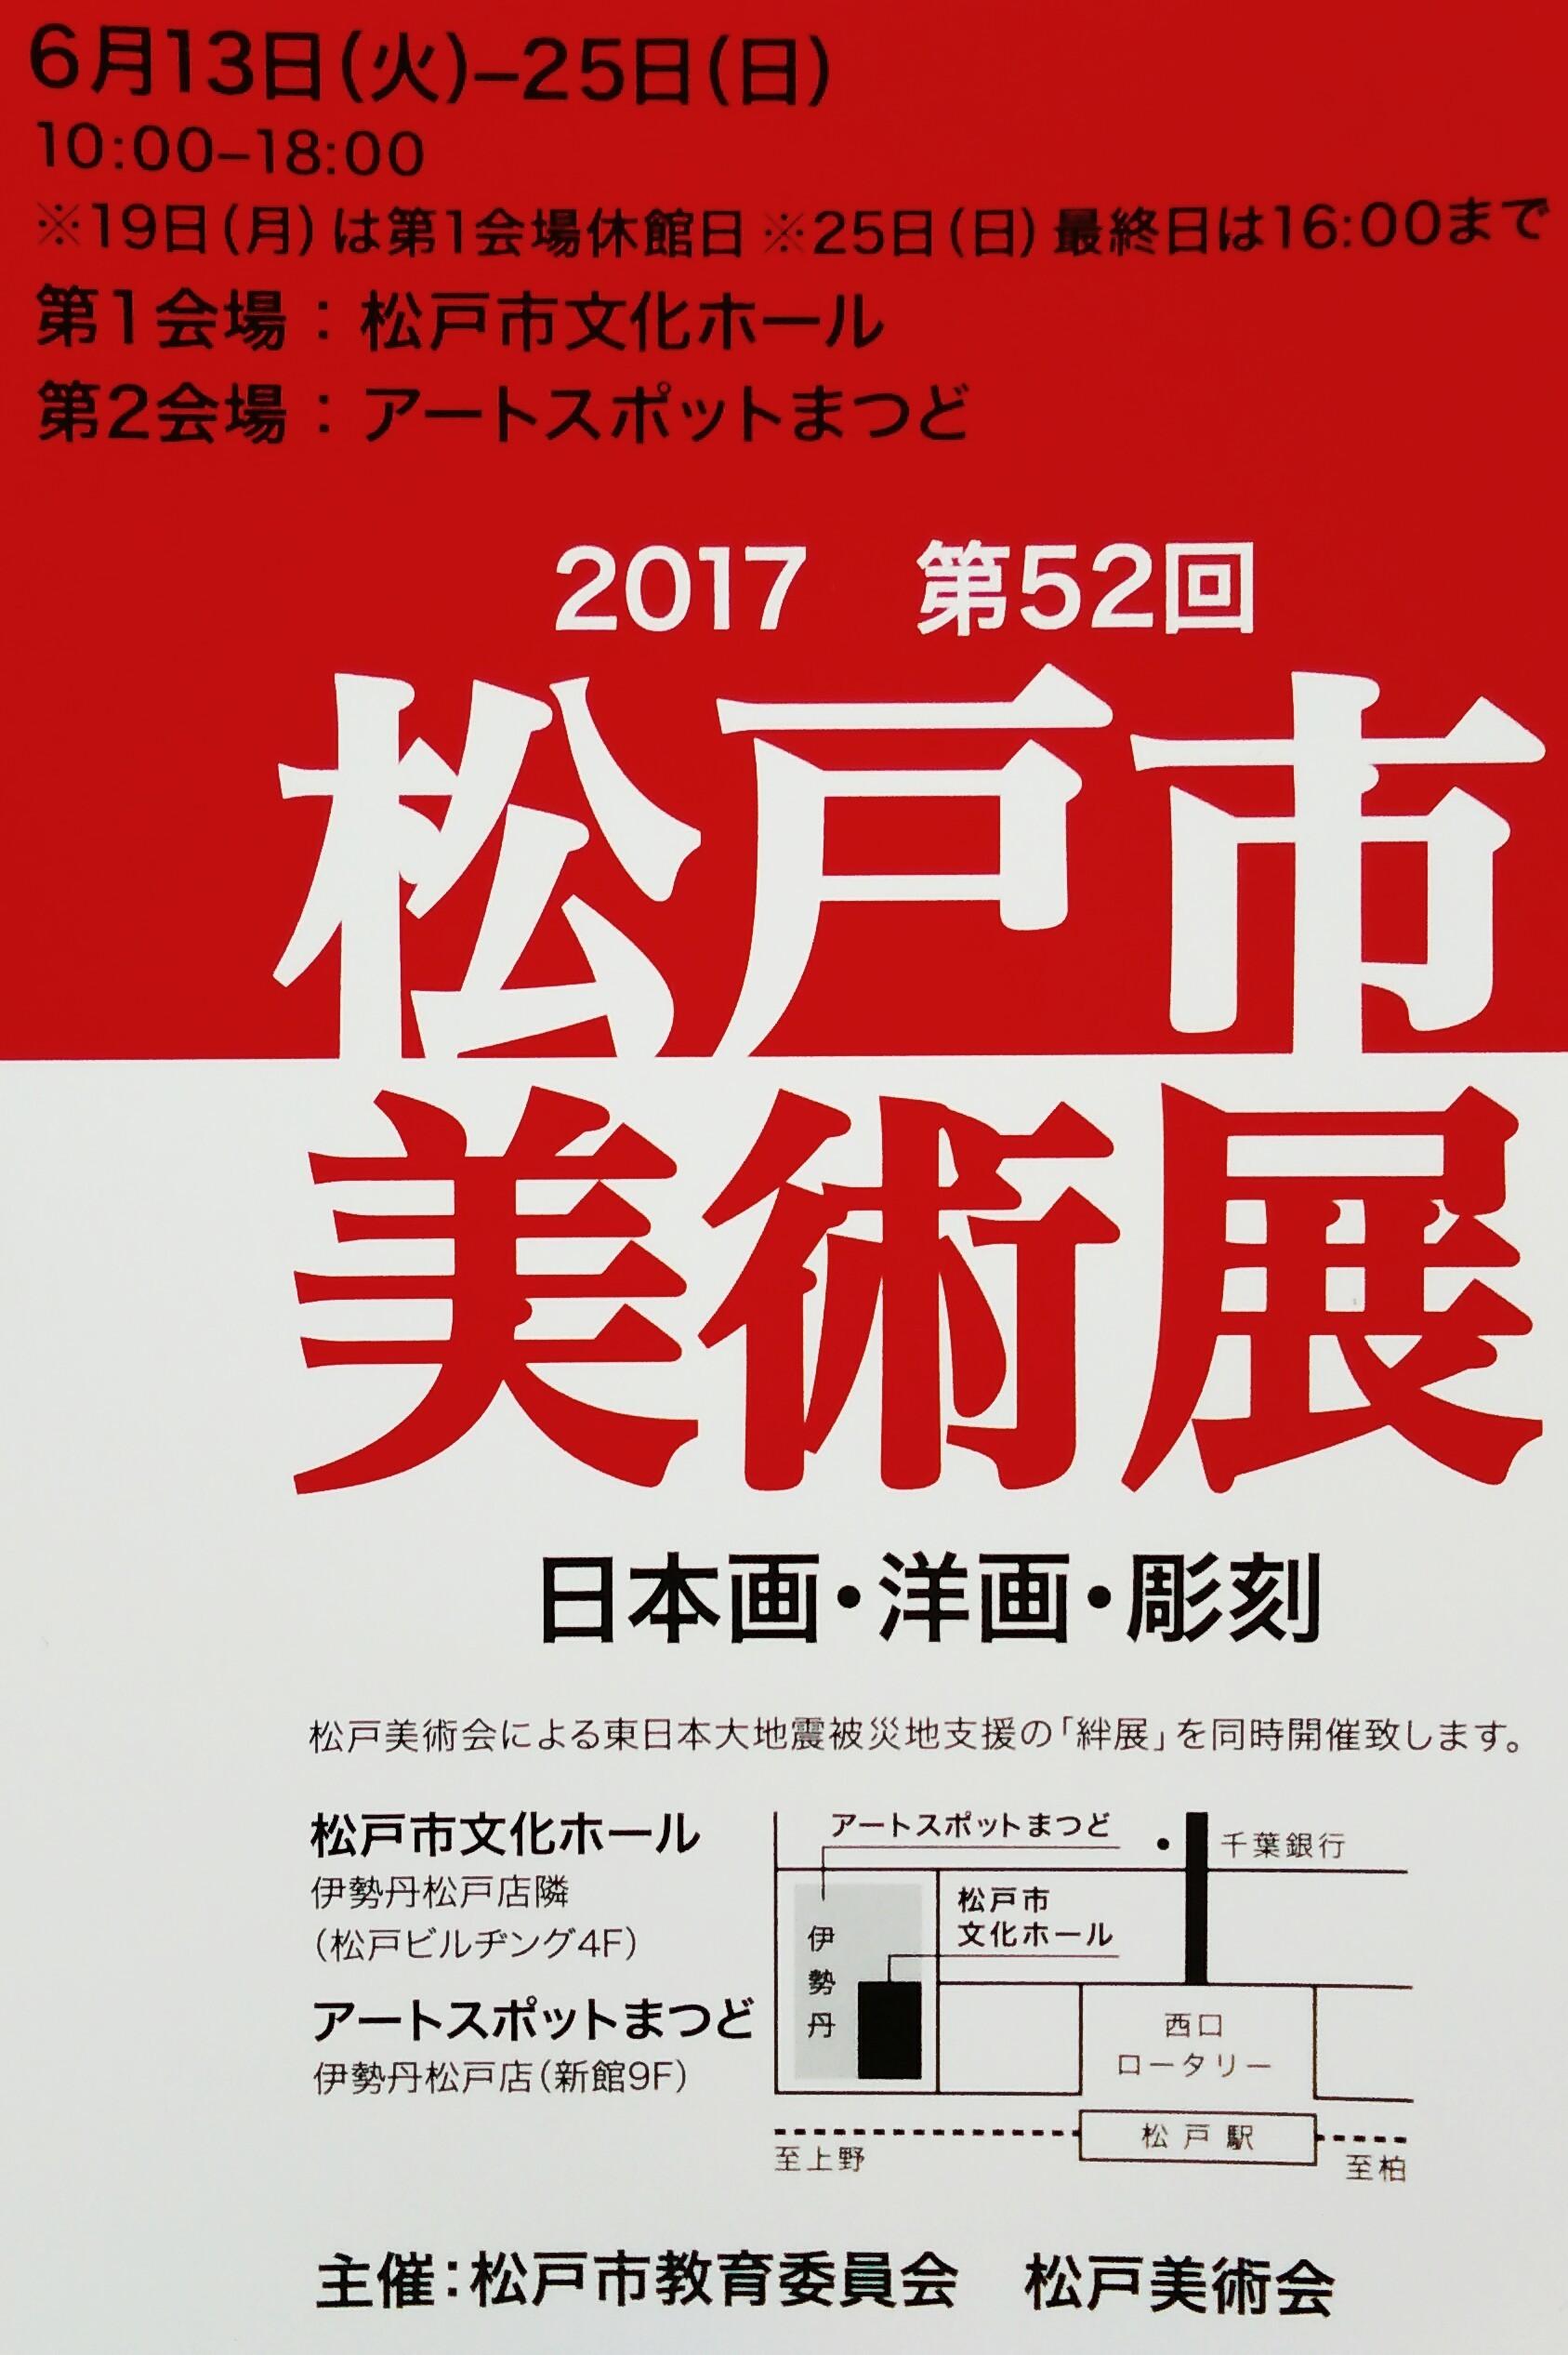 2017 52回 松戸市美術展 出品 公募展